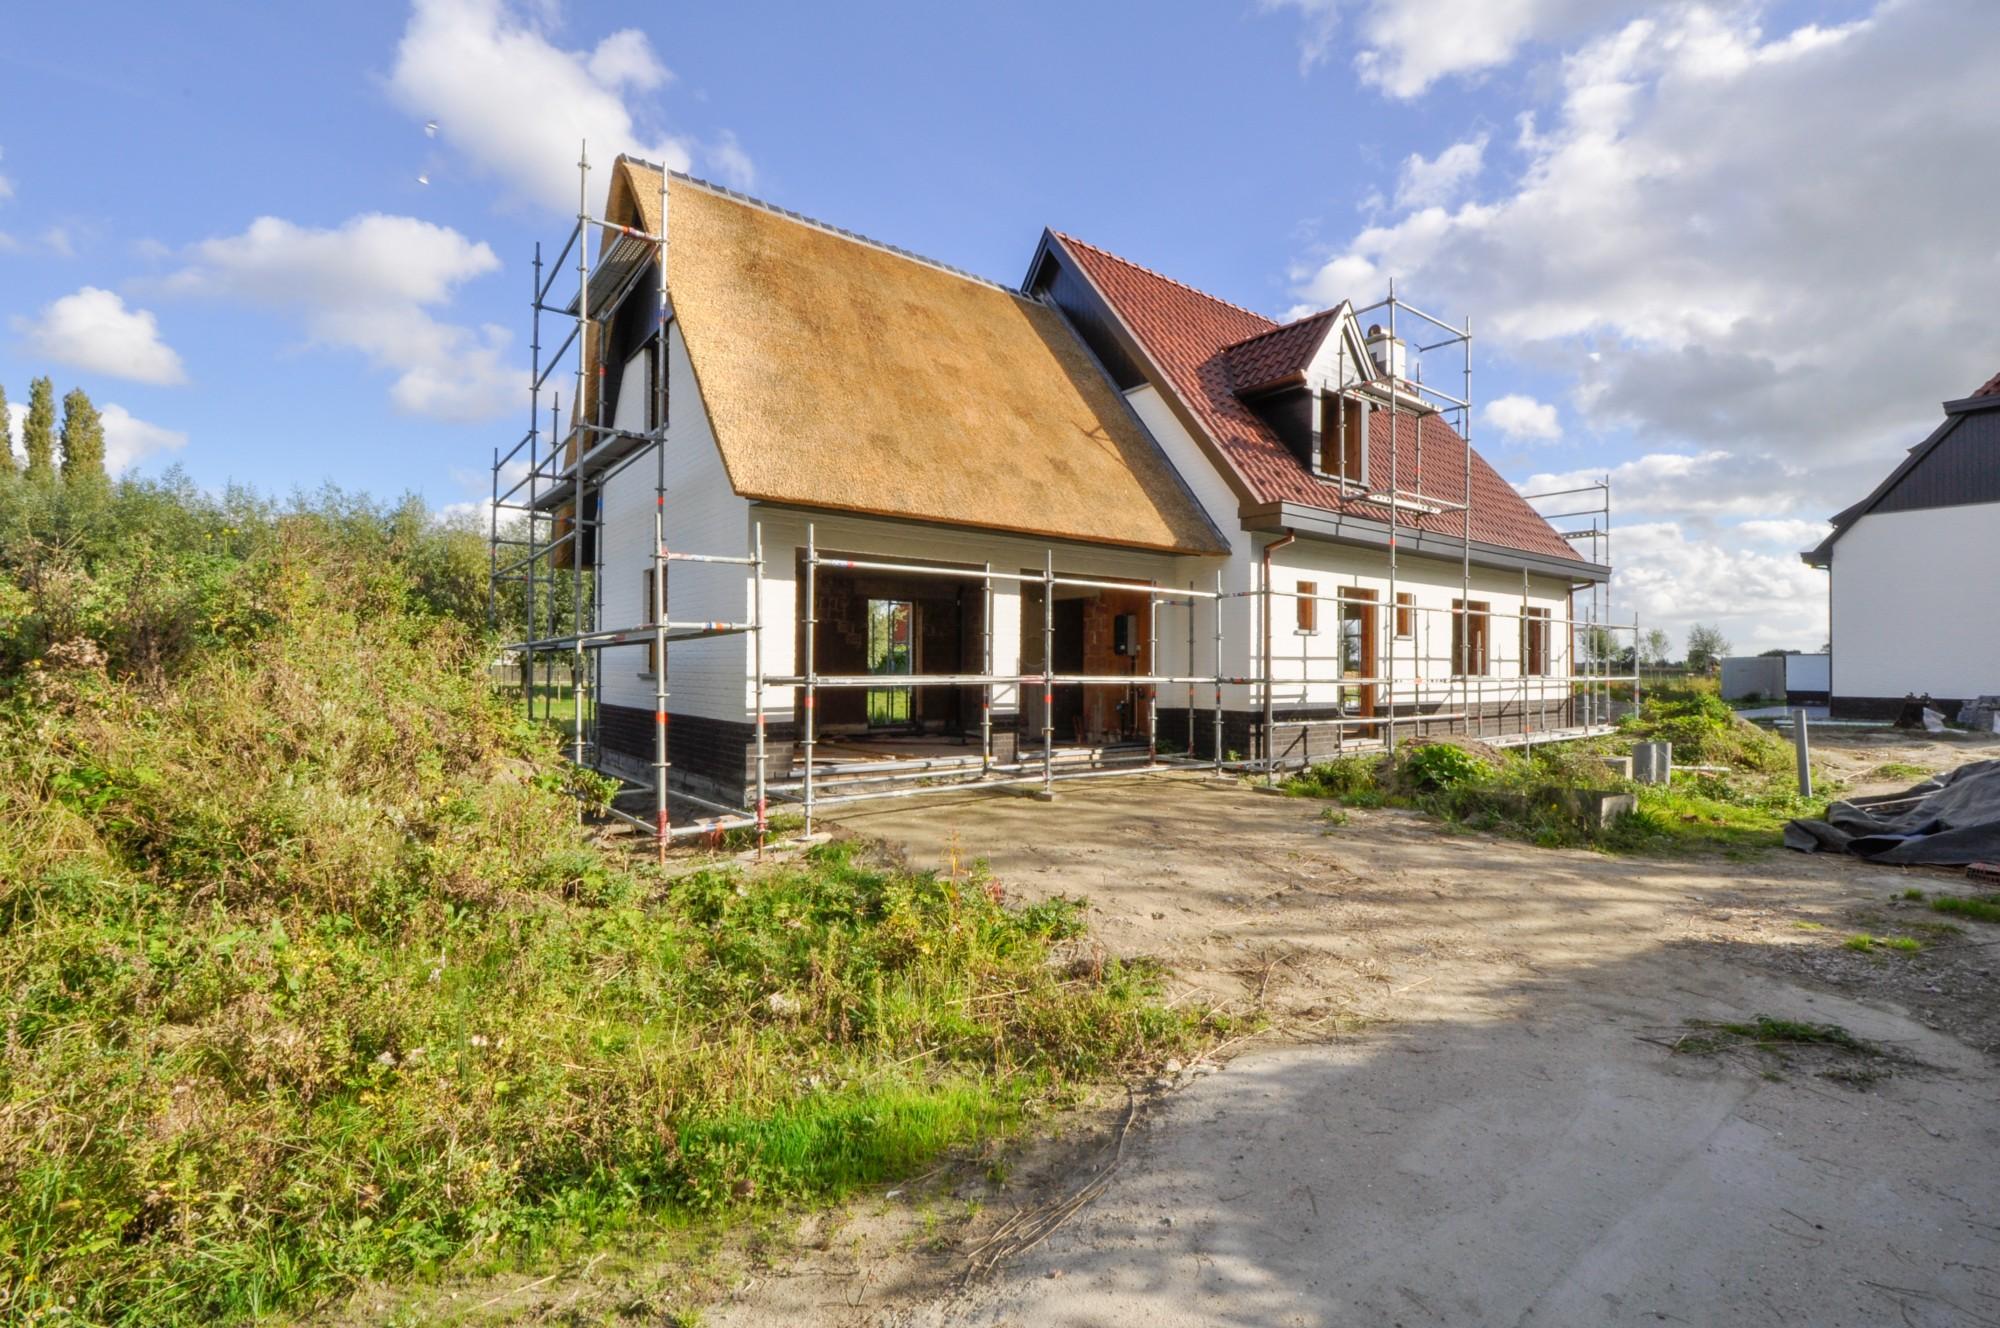 Ventes huis t3 f3 knokke heist middelhoek prestigieus for Huis verkoop site